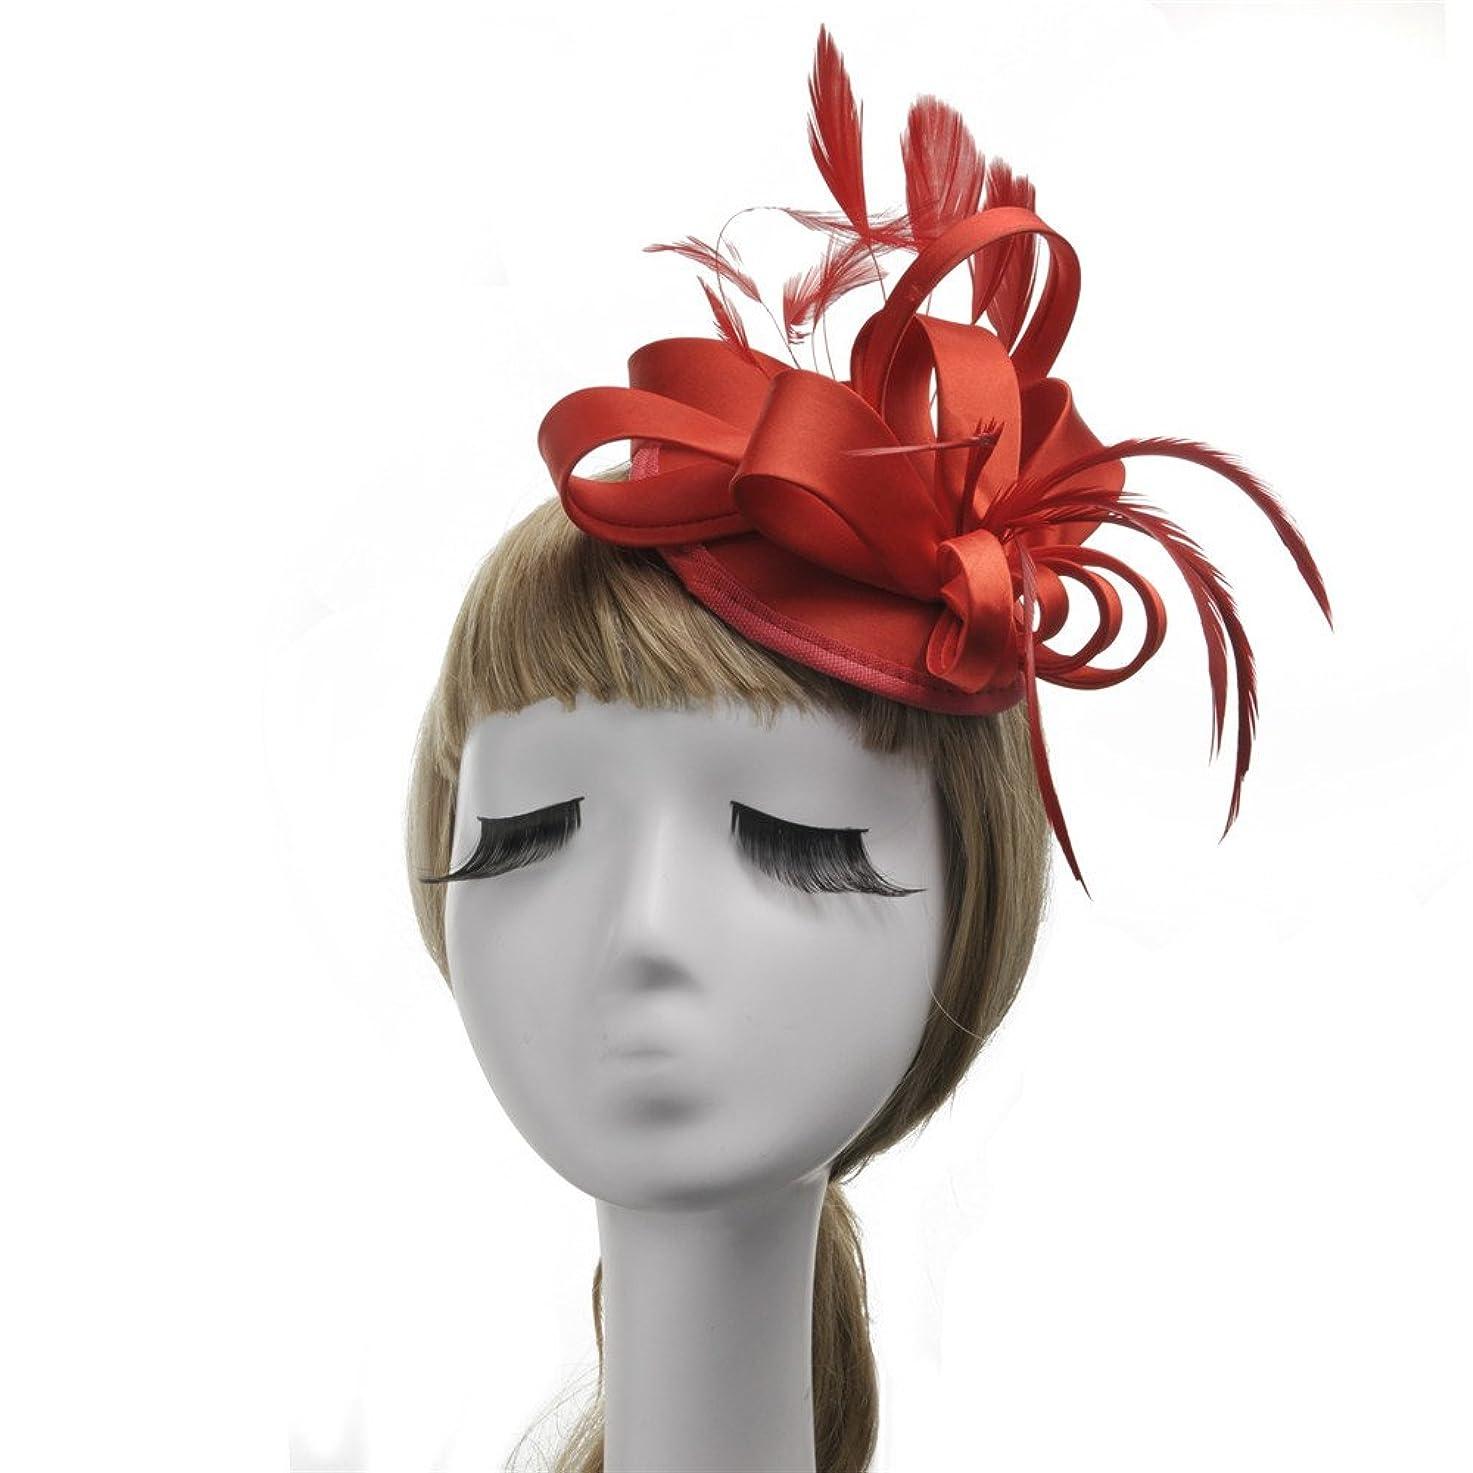 森林音楽窒素女性の魅力的な帽子 女性のヴィンテージ魅惑的なカクテルティーパーティー帽子羽花ヘアピンヘッドドレス花花嫁パーティーウェディング (色 : 青)